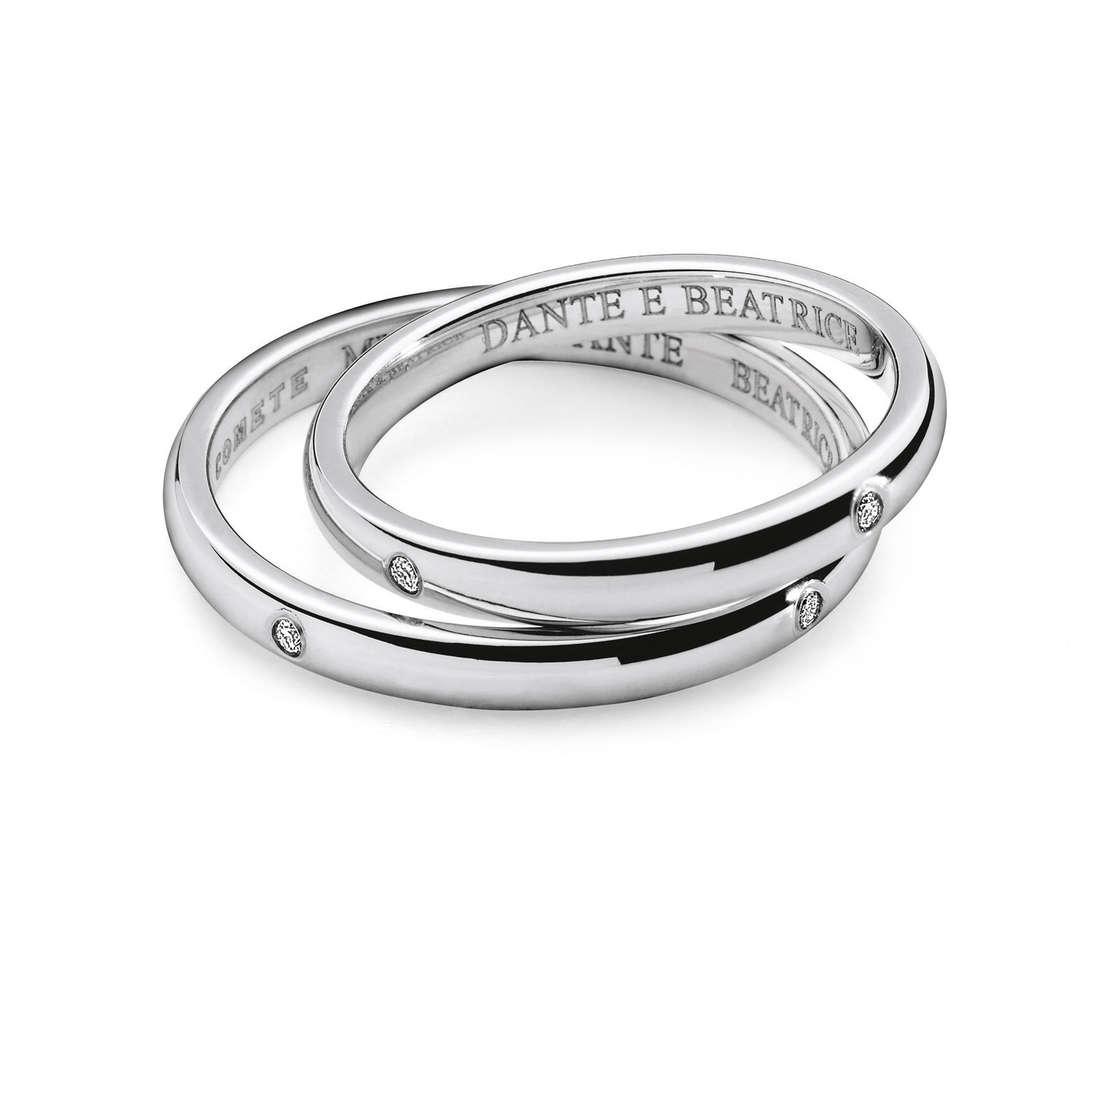 fede donna gioielli Comete Dante e Beatrice ANB 1862B M20